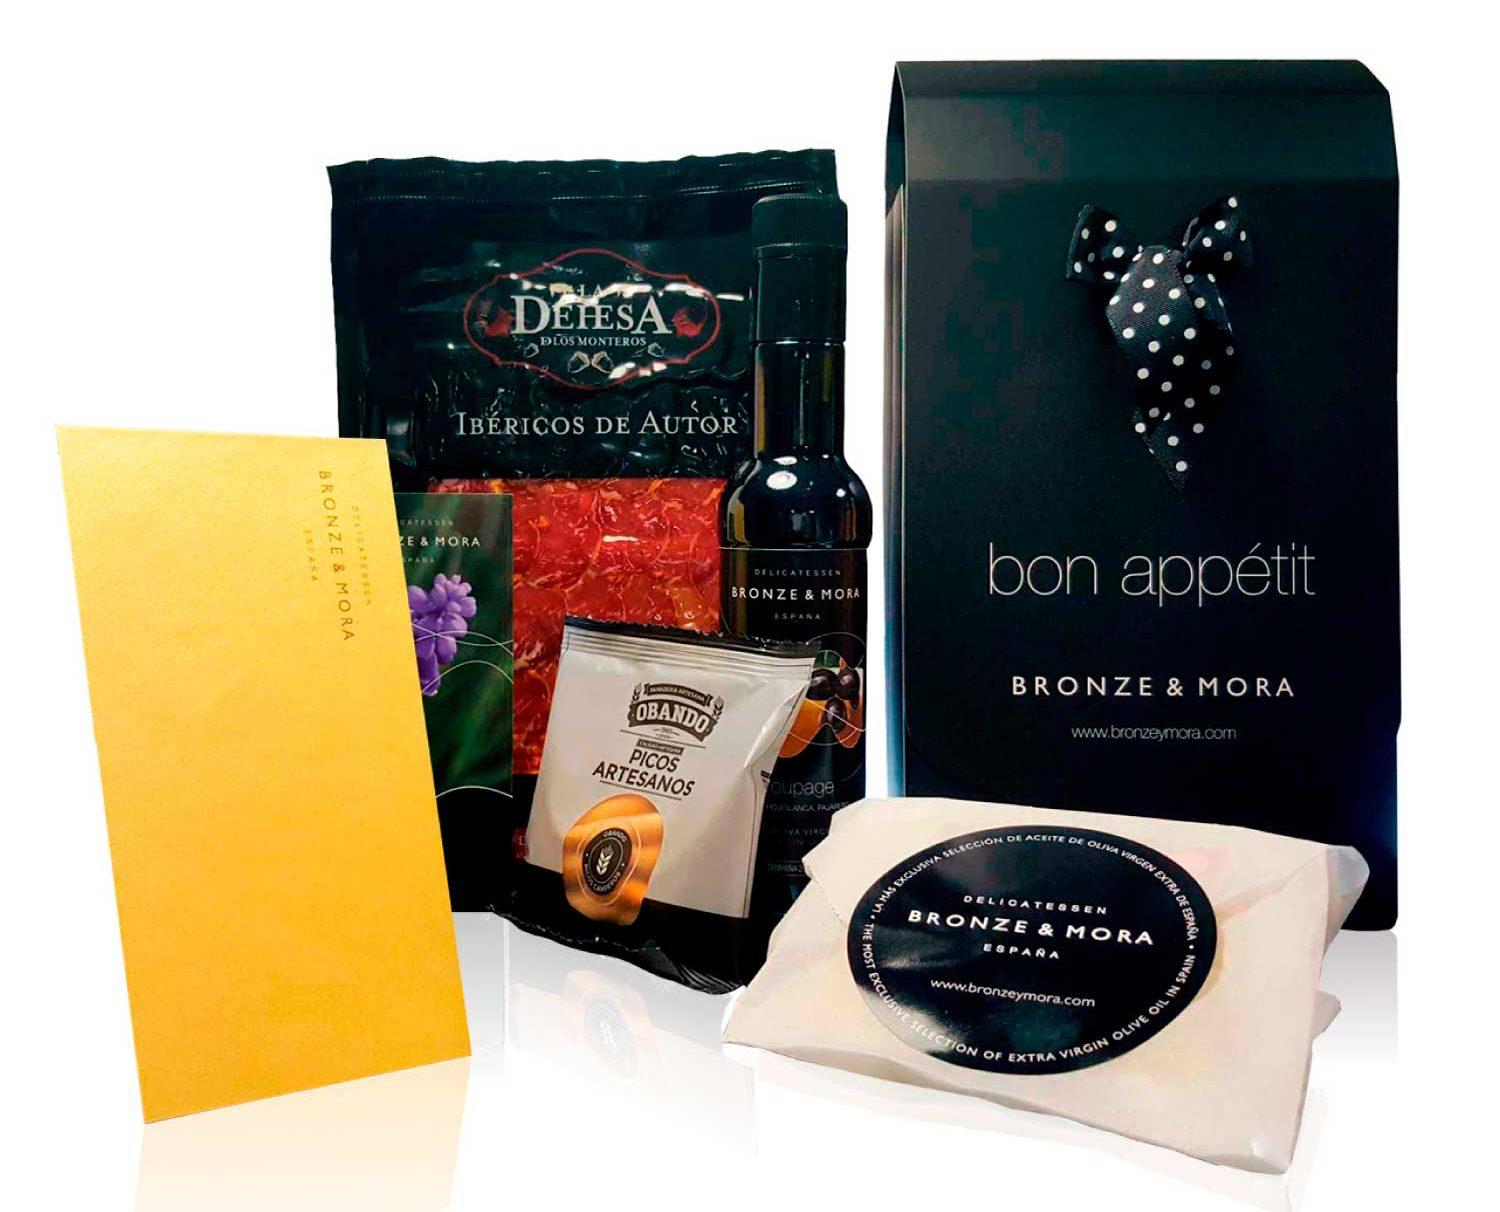 Cesta regalo gourmet bon appetit S lomo aceite para regalar bronze y mora